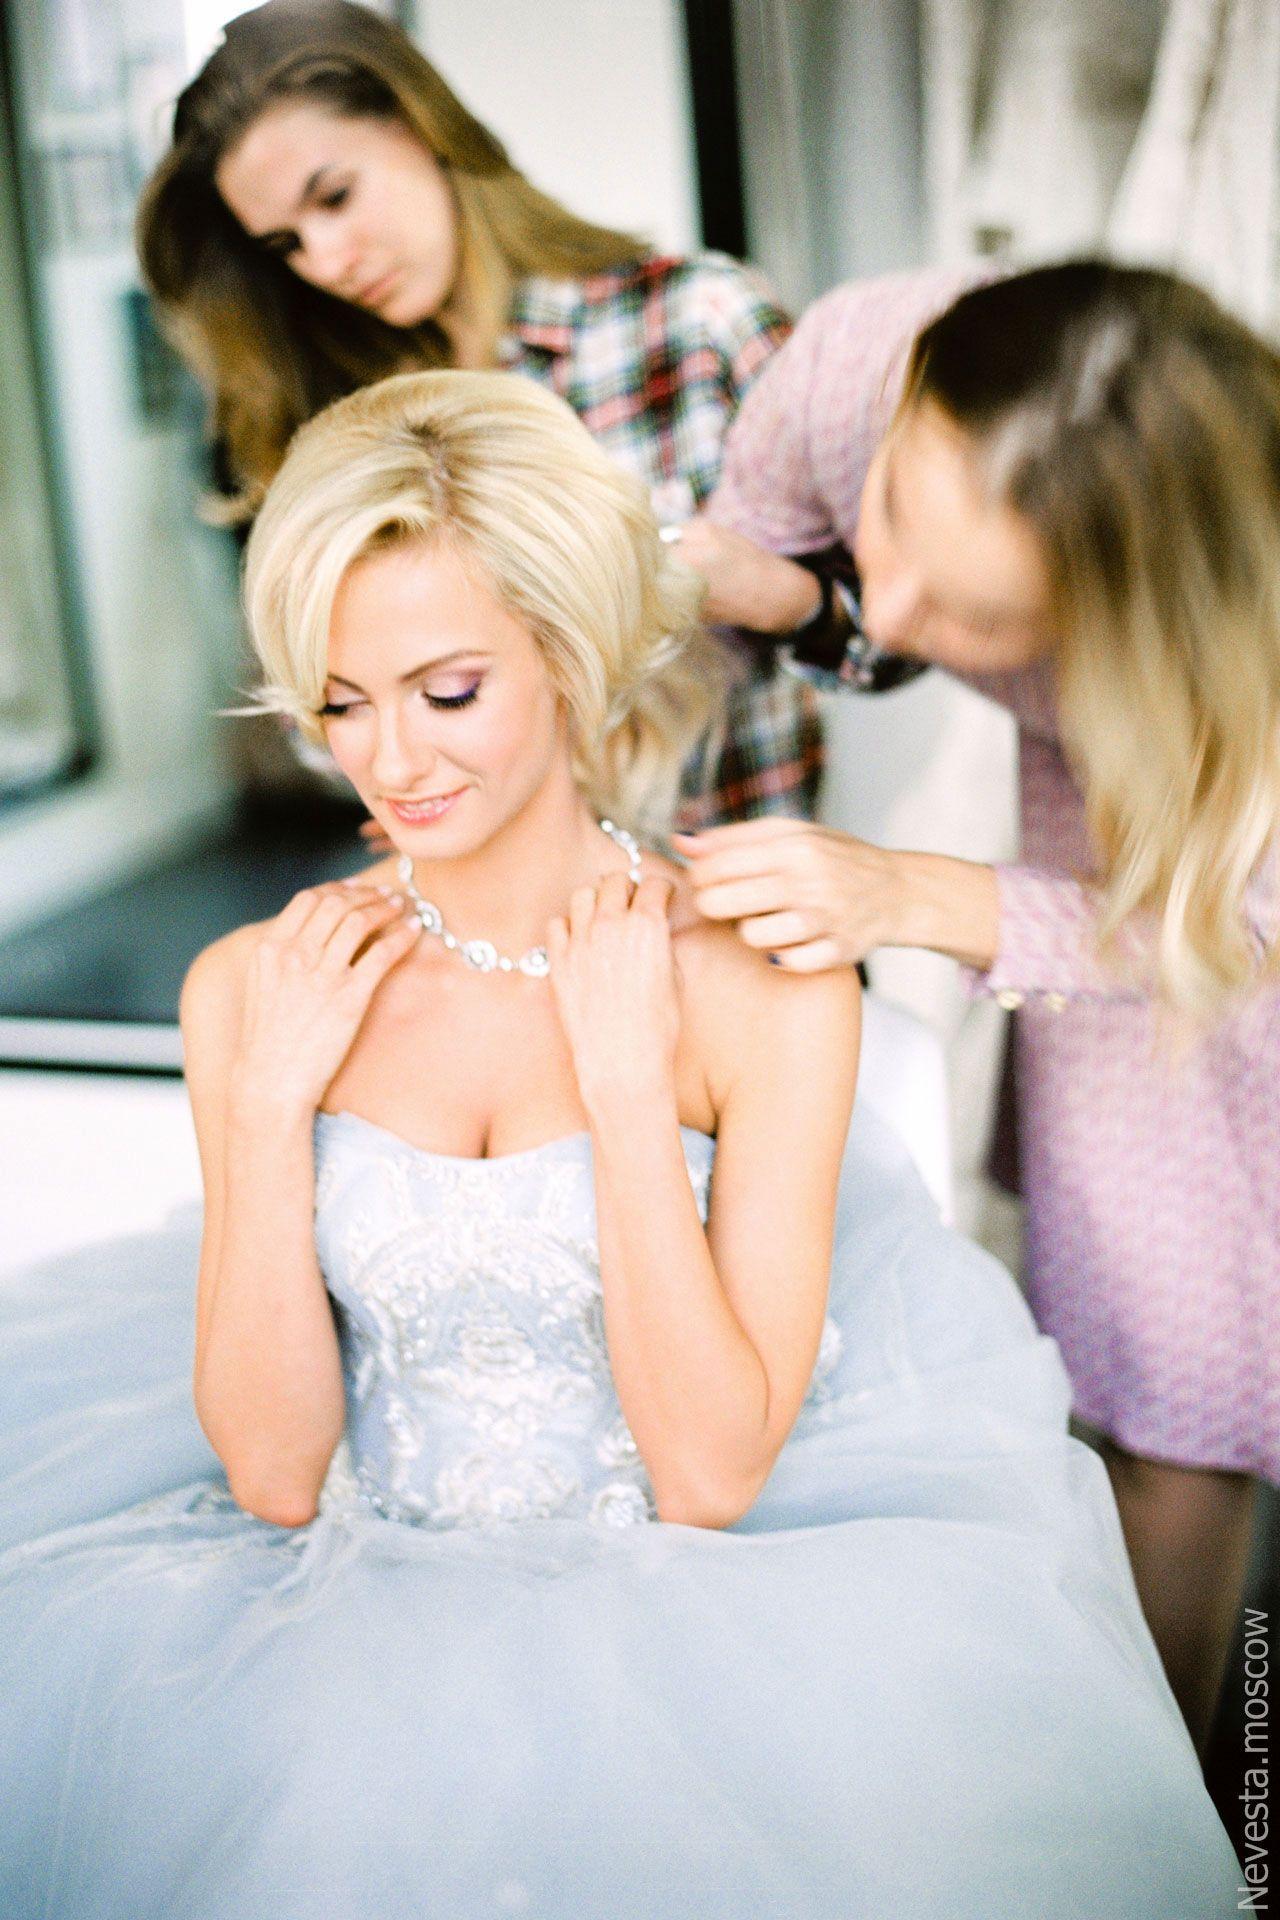 актриса Полина Максимова примеряет свадебное платье фото 2